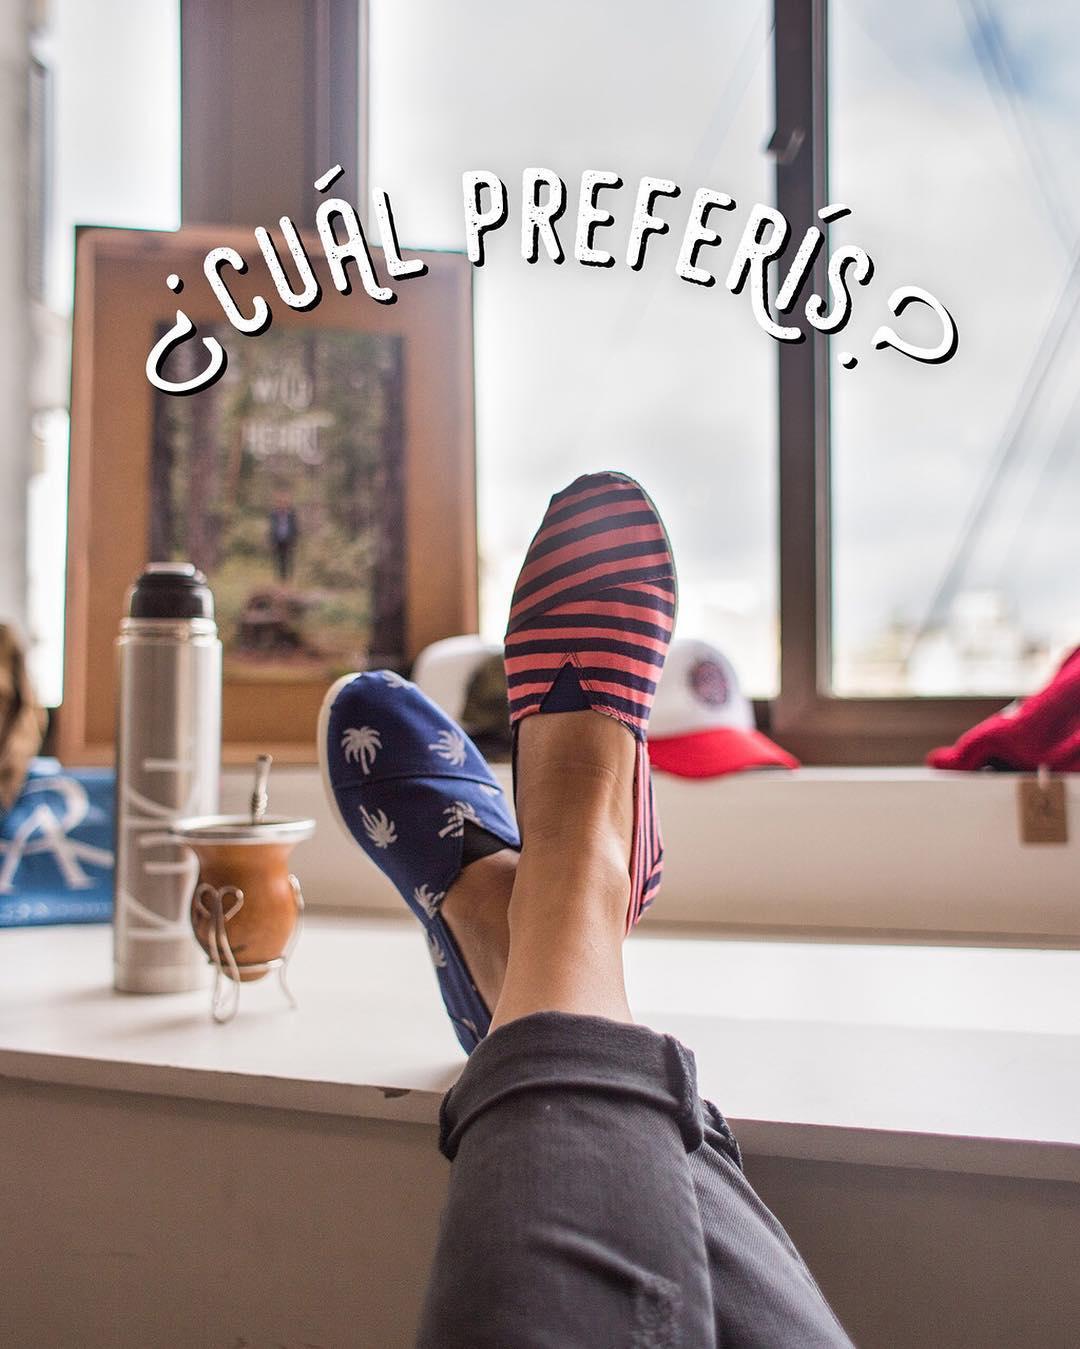 ¿Cuál te gusta más? El modelo más votado va a tener un 40% de descuento en nuestra Tienda Online el lunes 11 de Abril...